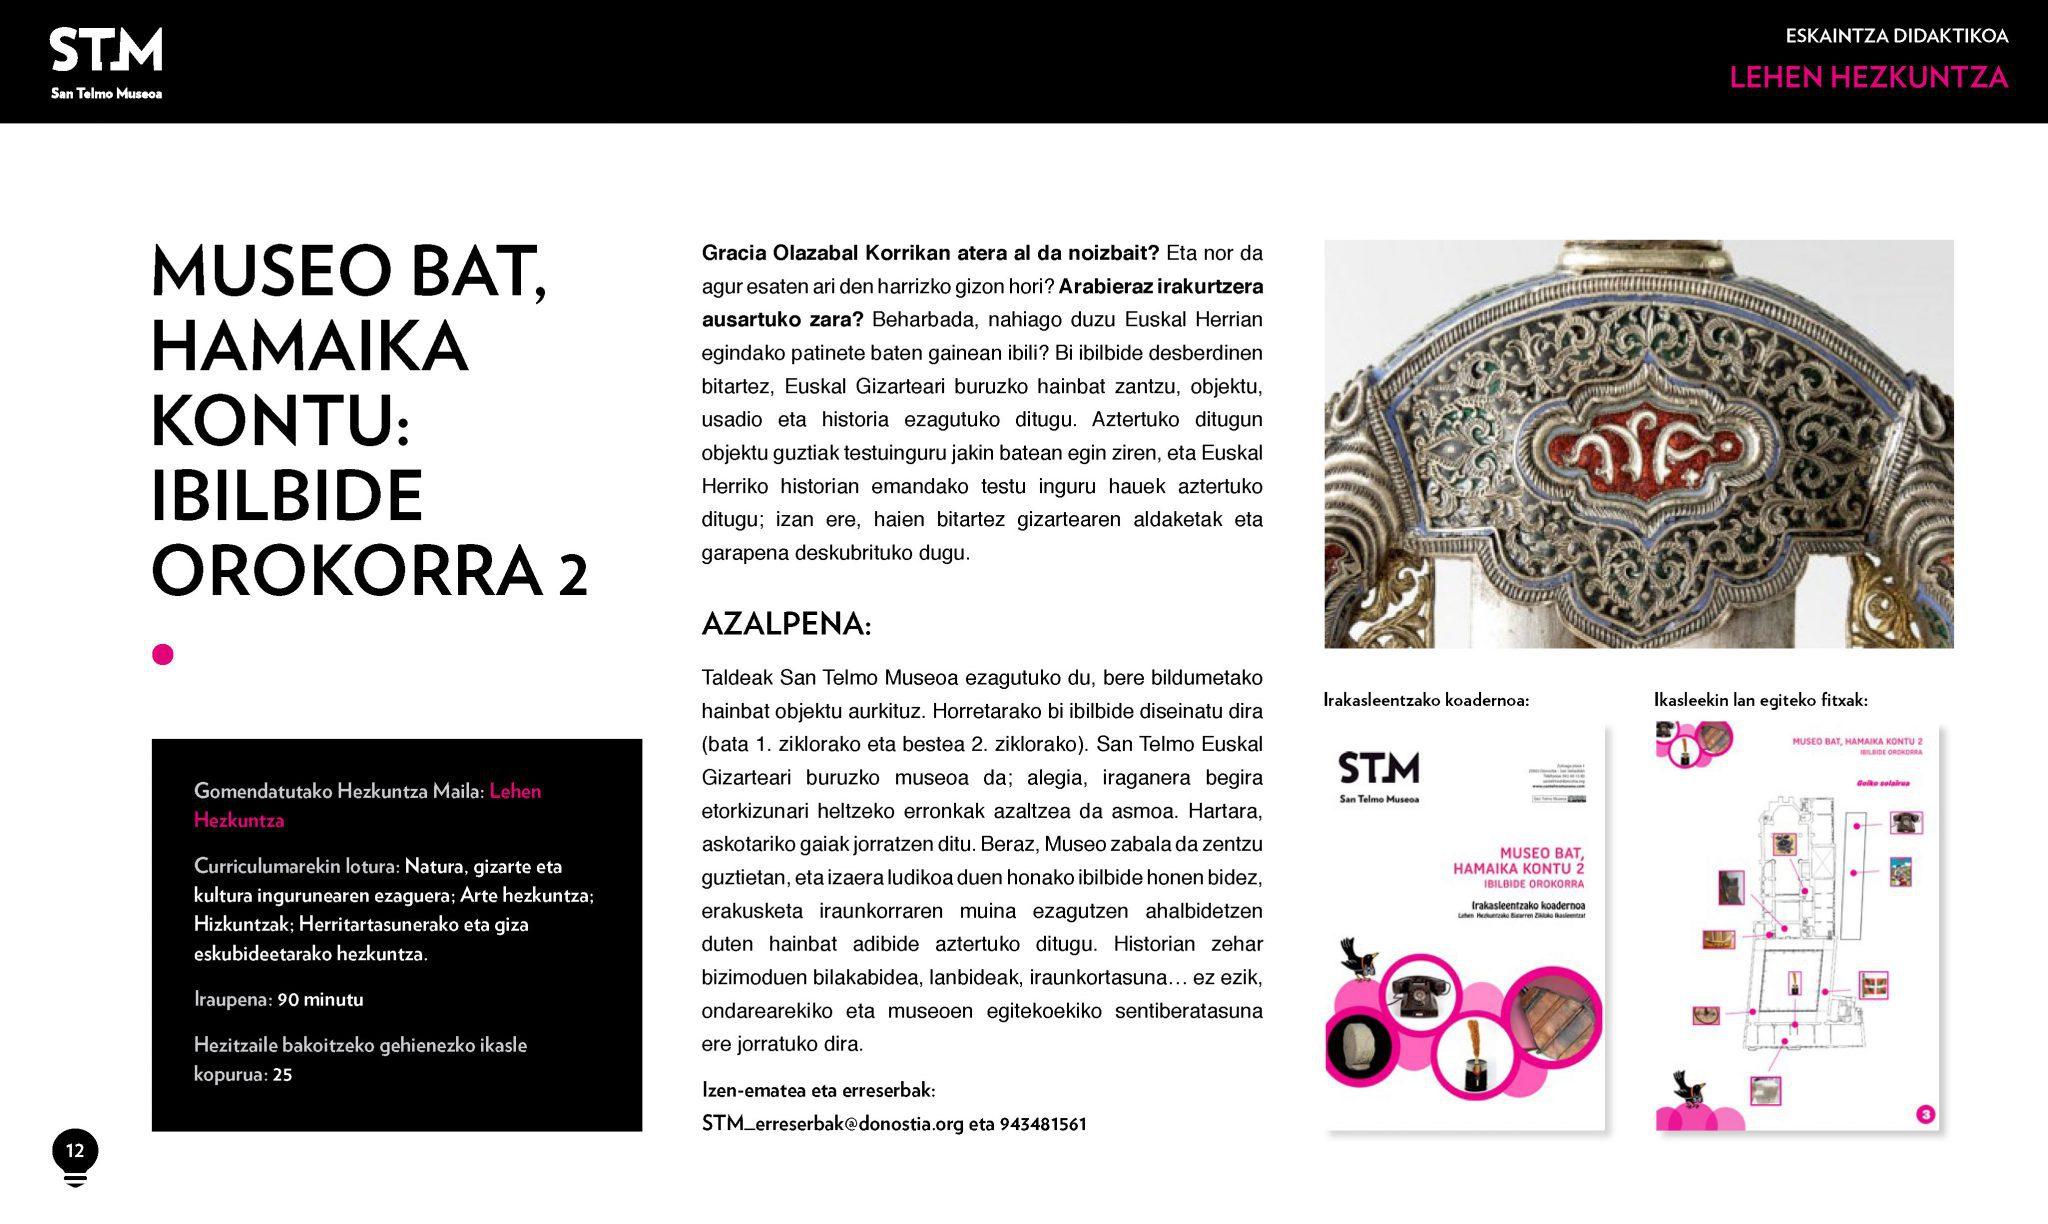 katalogo_programak_V6_Página_12